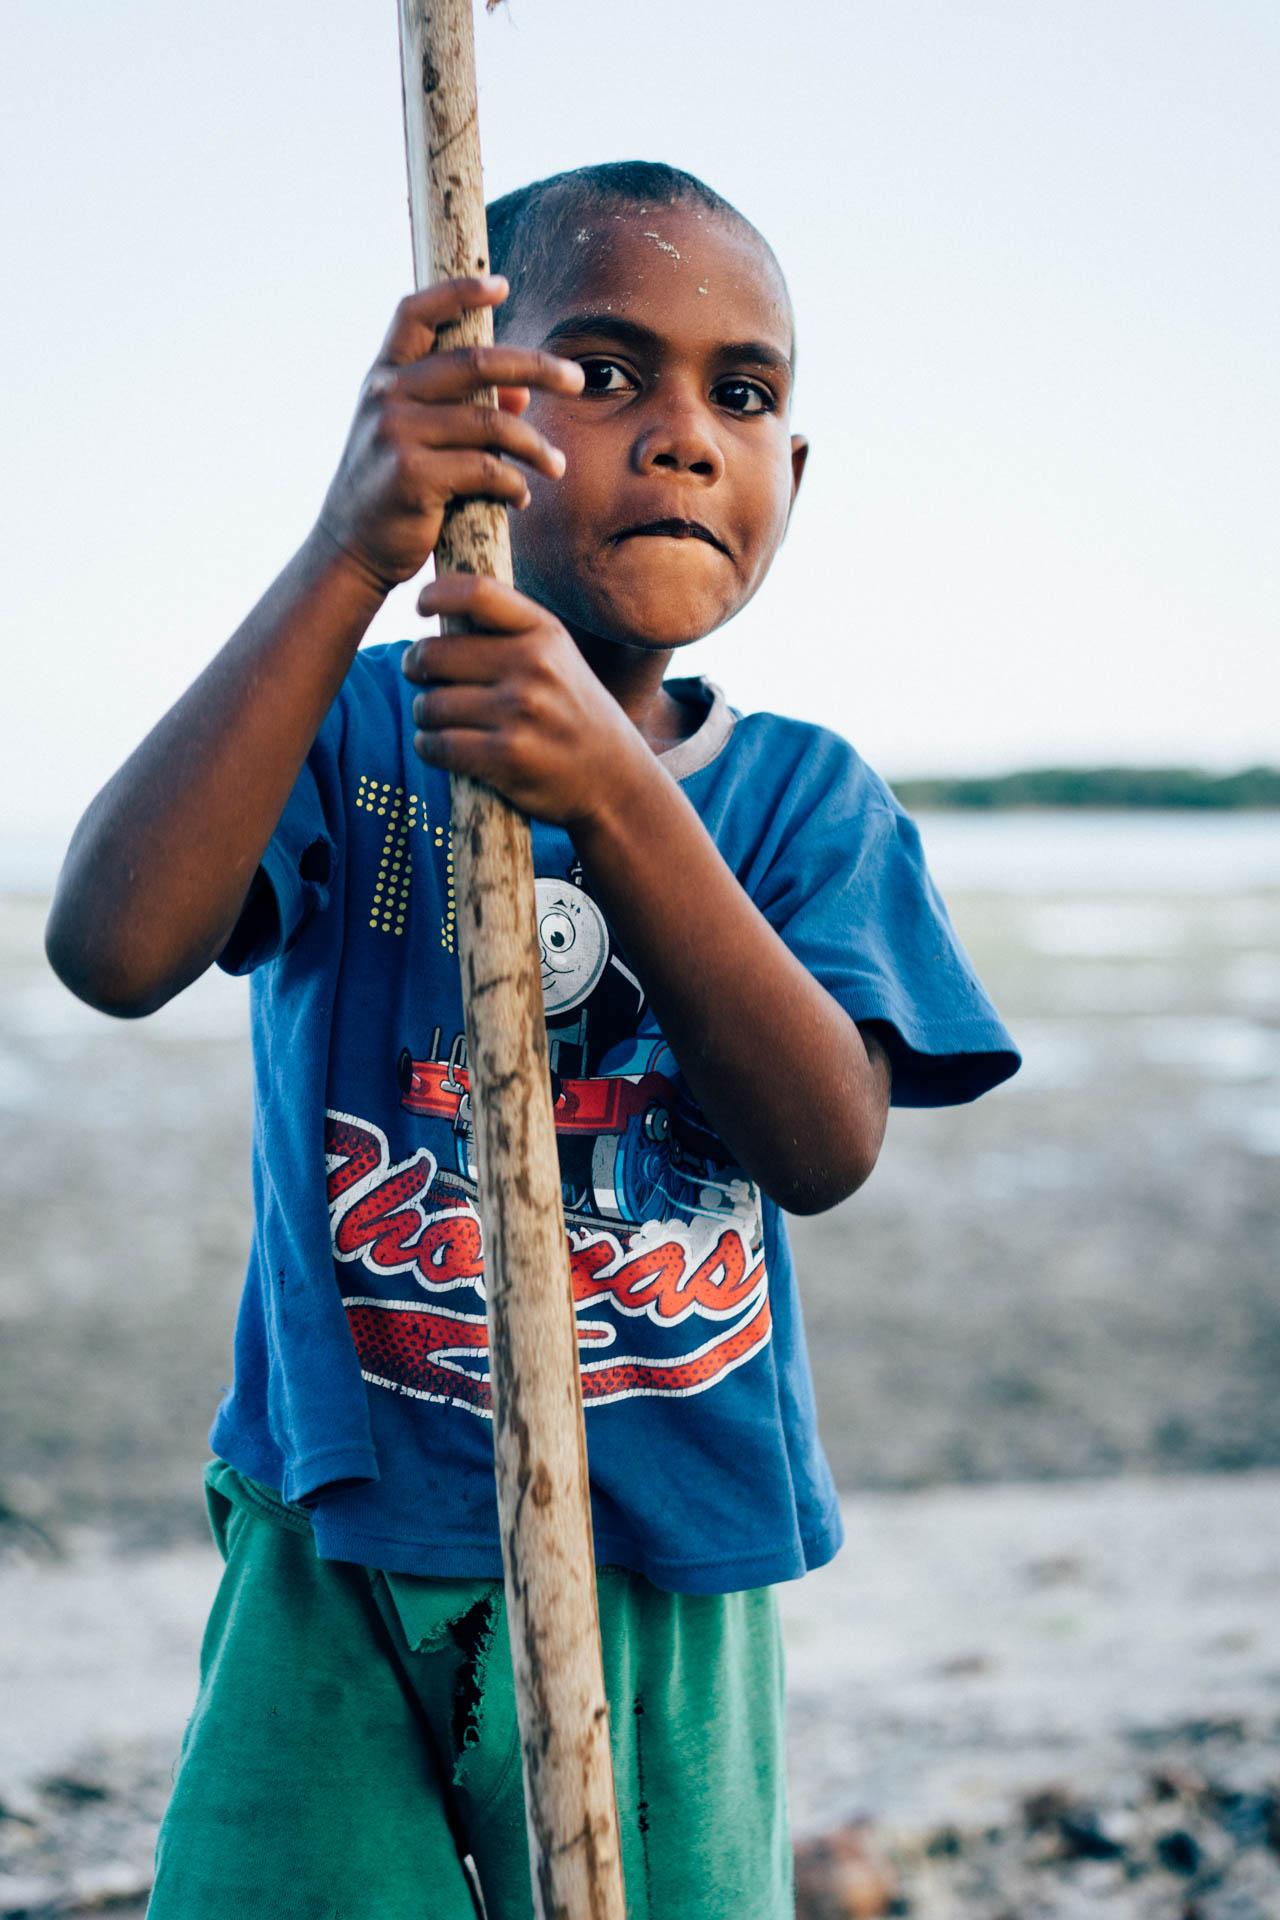 enfant et baton sur la plage